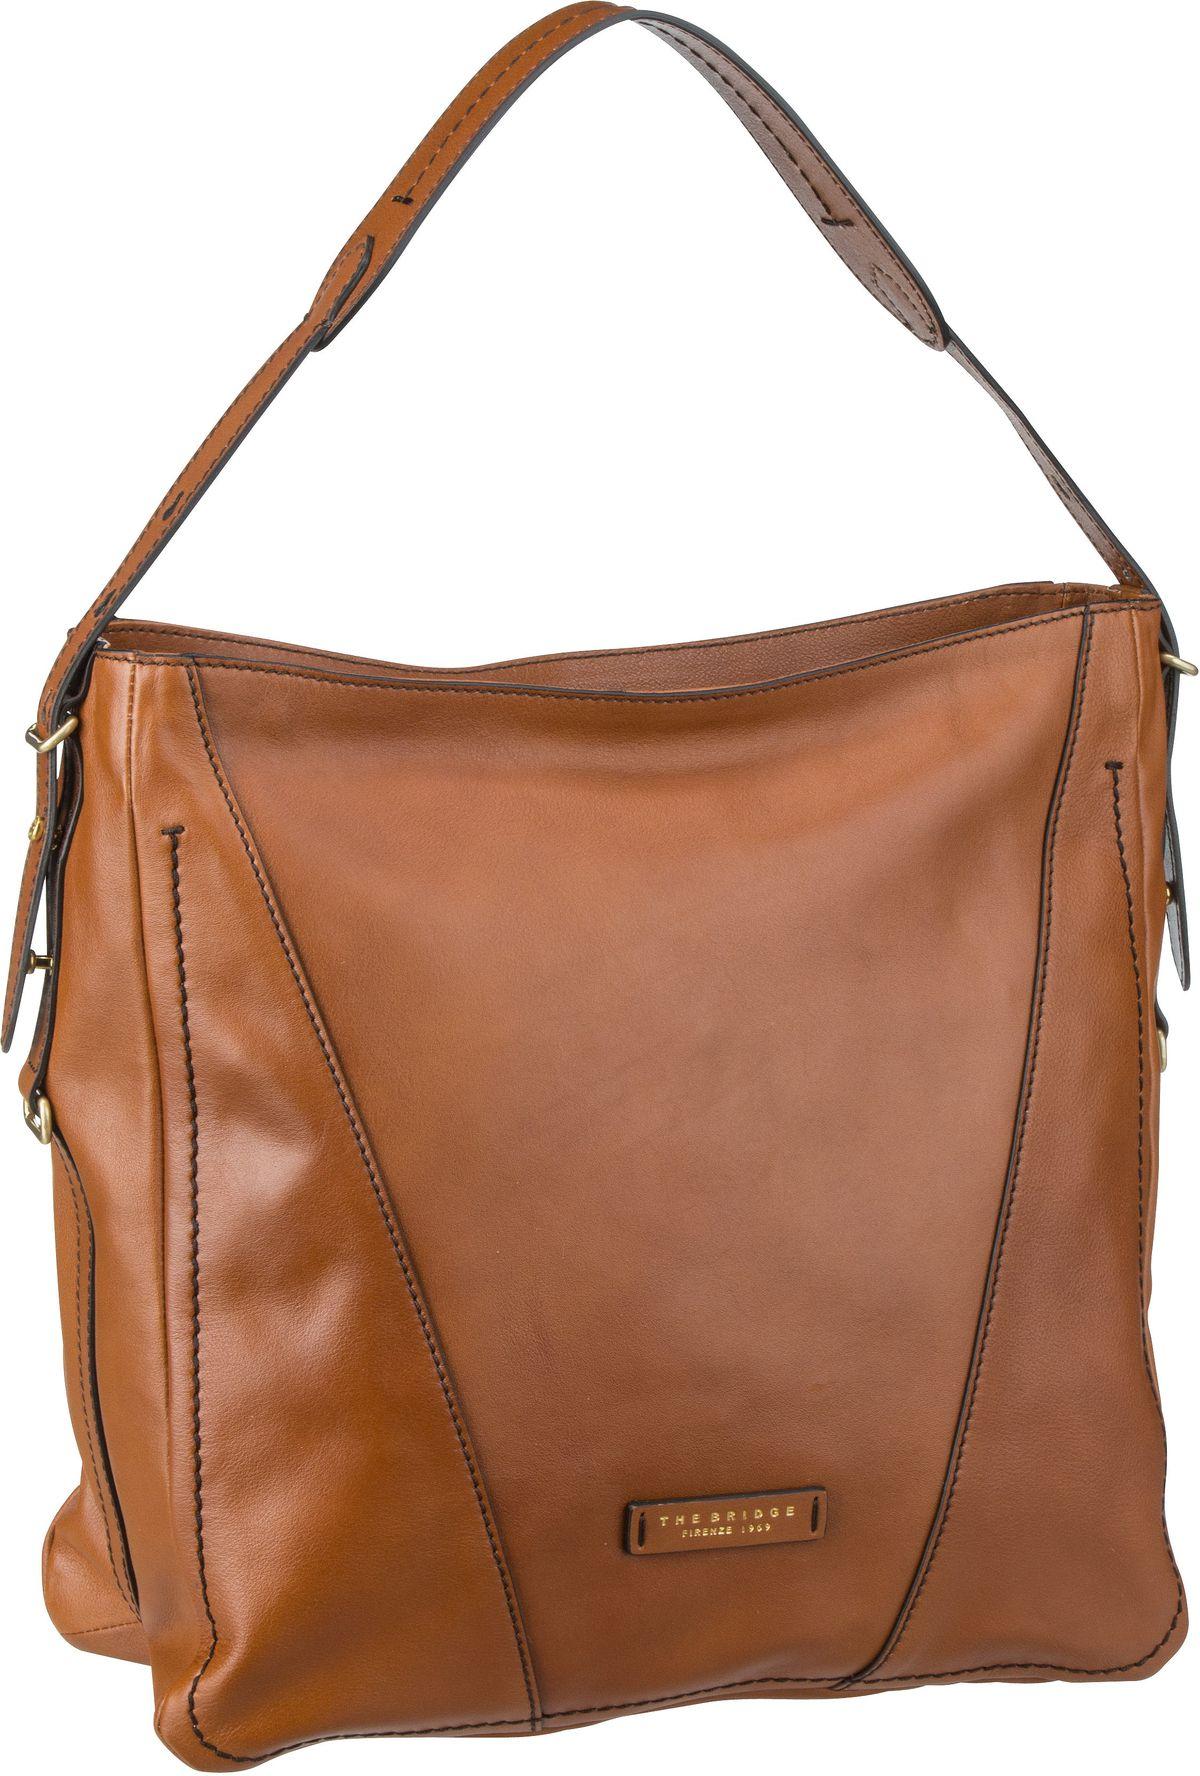 Handtasche Tintori 3900 Cognac/Oro